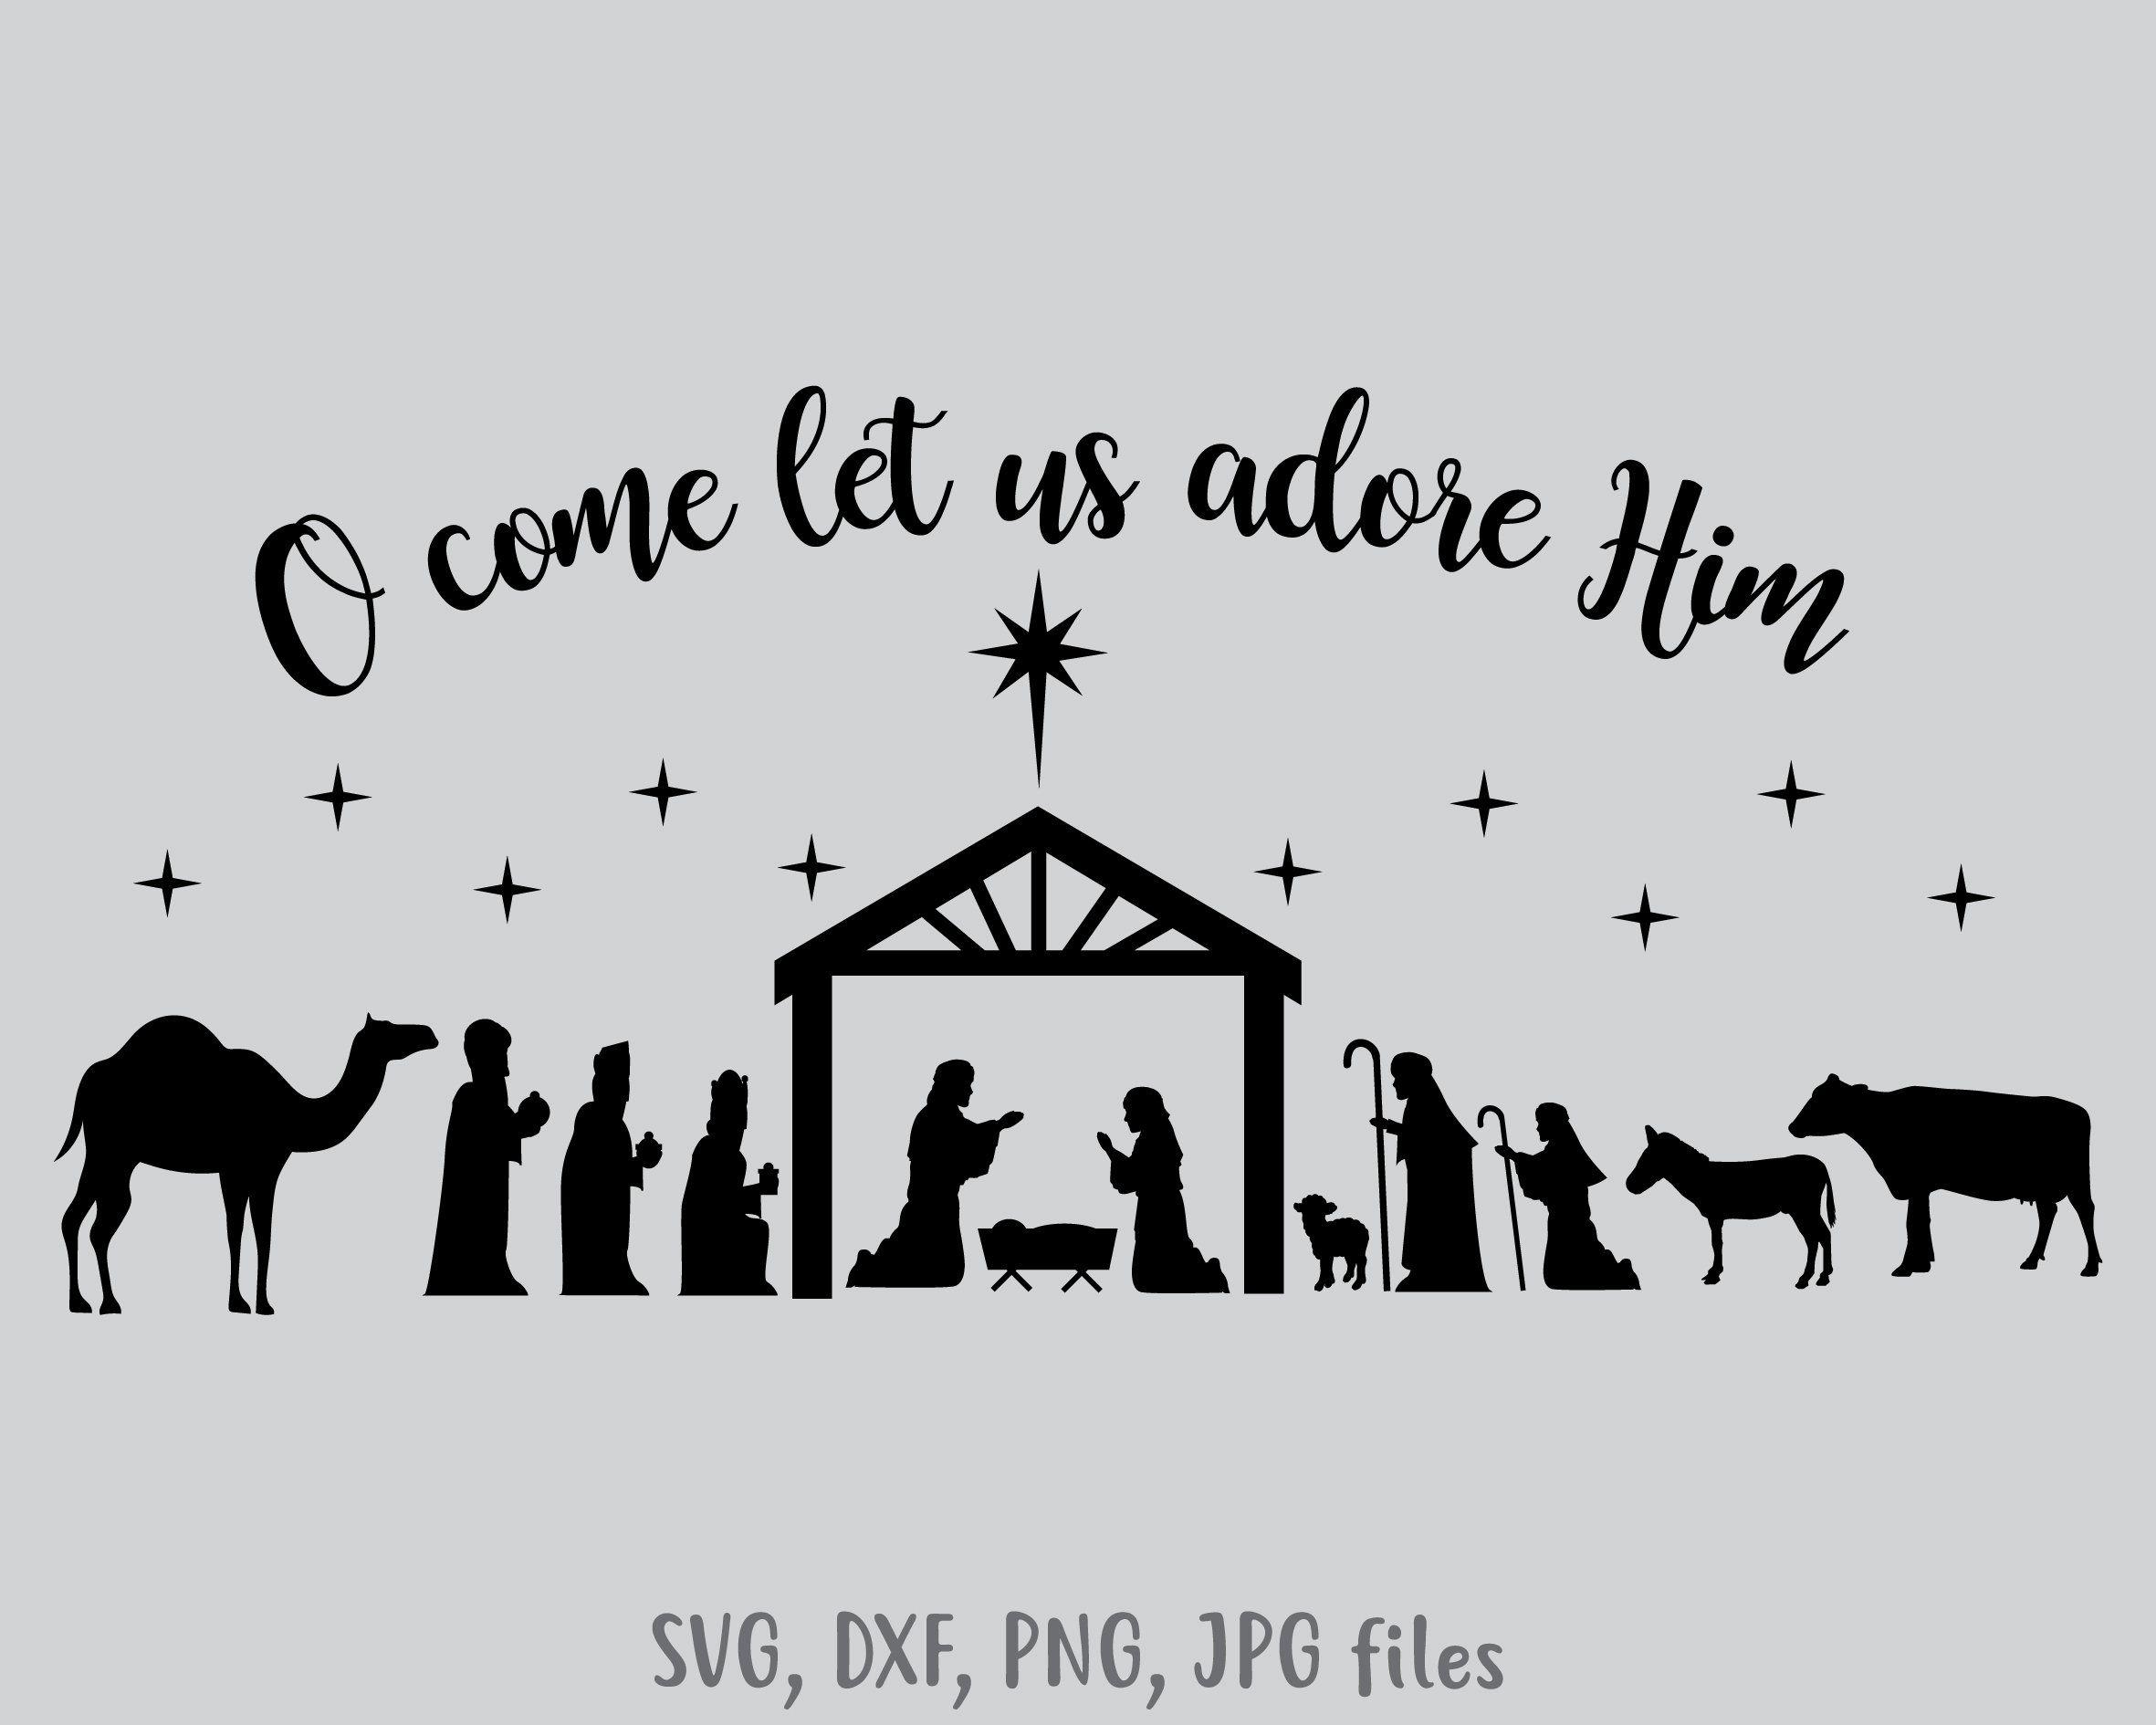 Pin on Christmas SVG